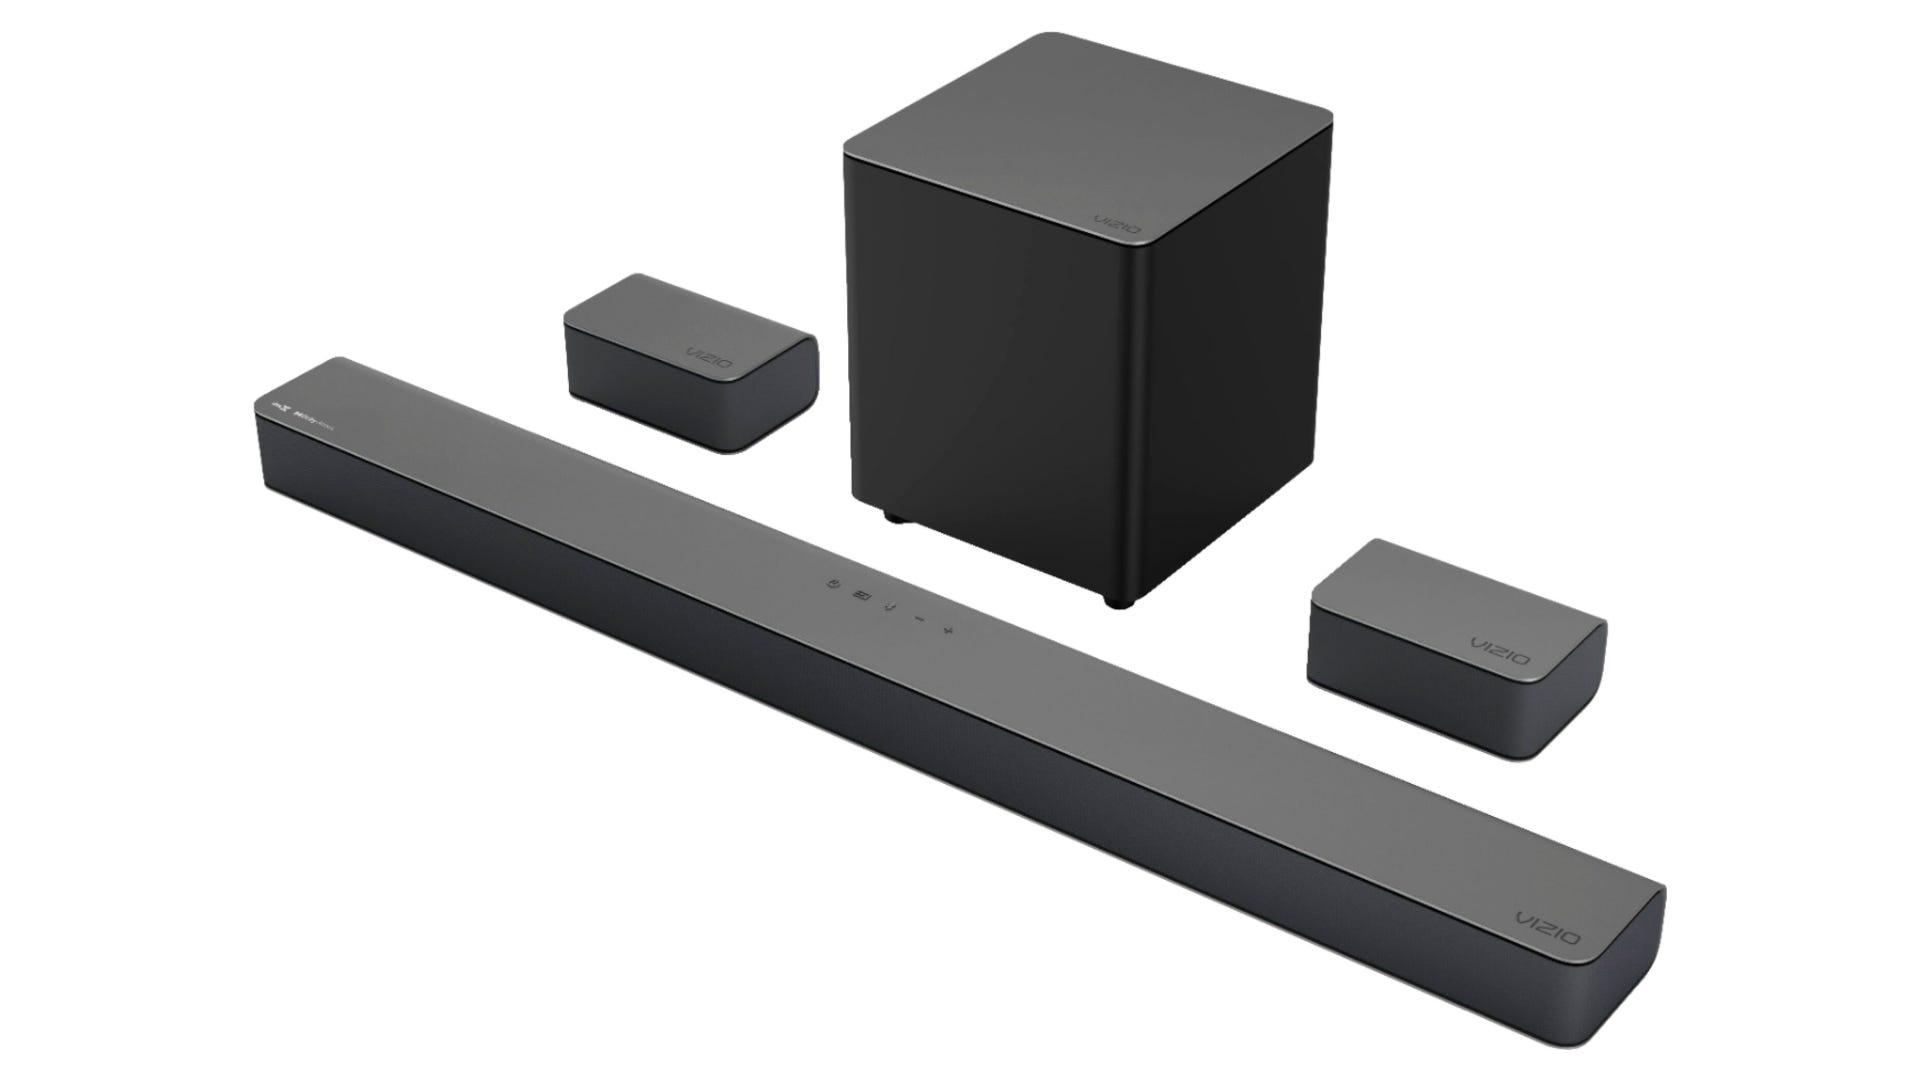 Vizio M Series Soundbar render